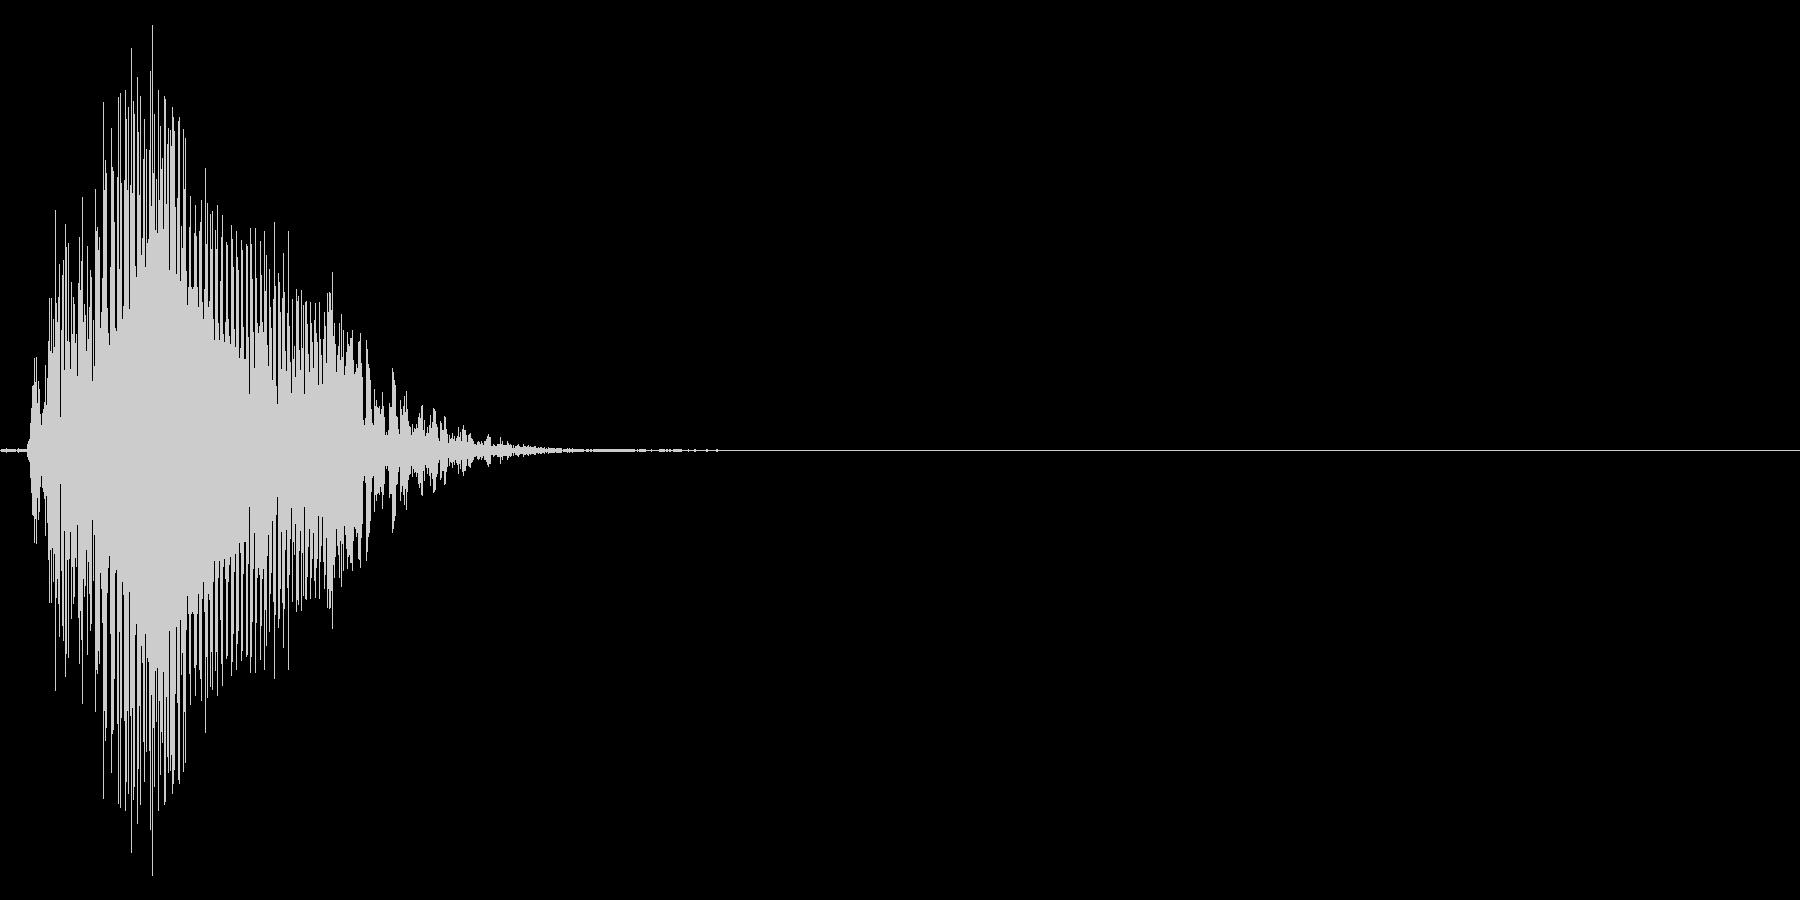 ゲーム掛け声男3エッ1の未再生の波形